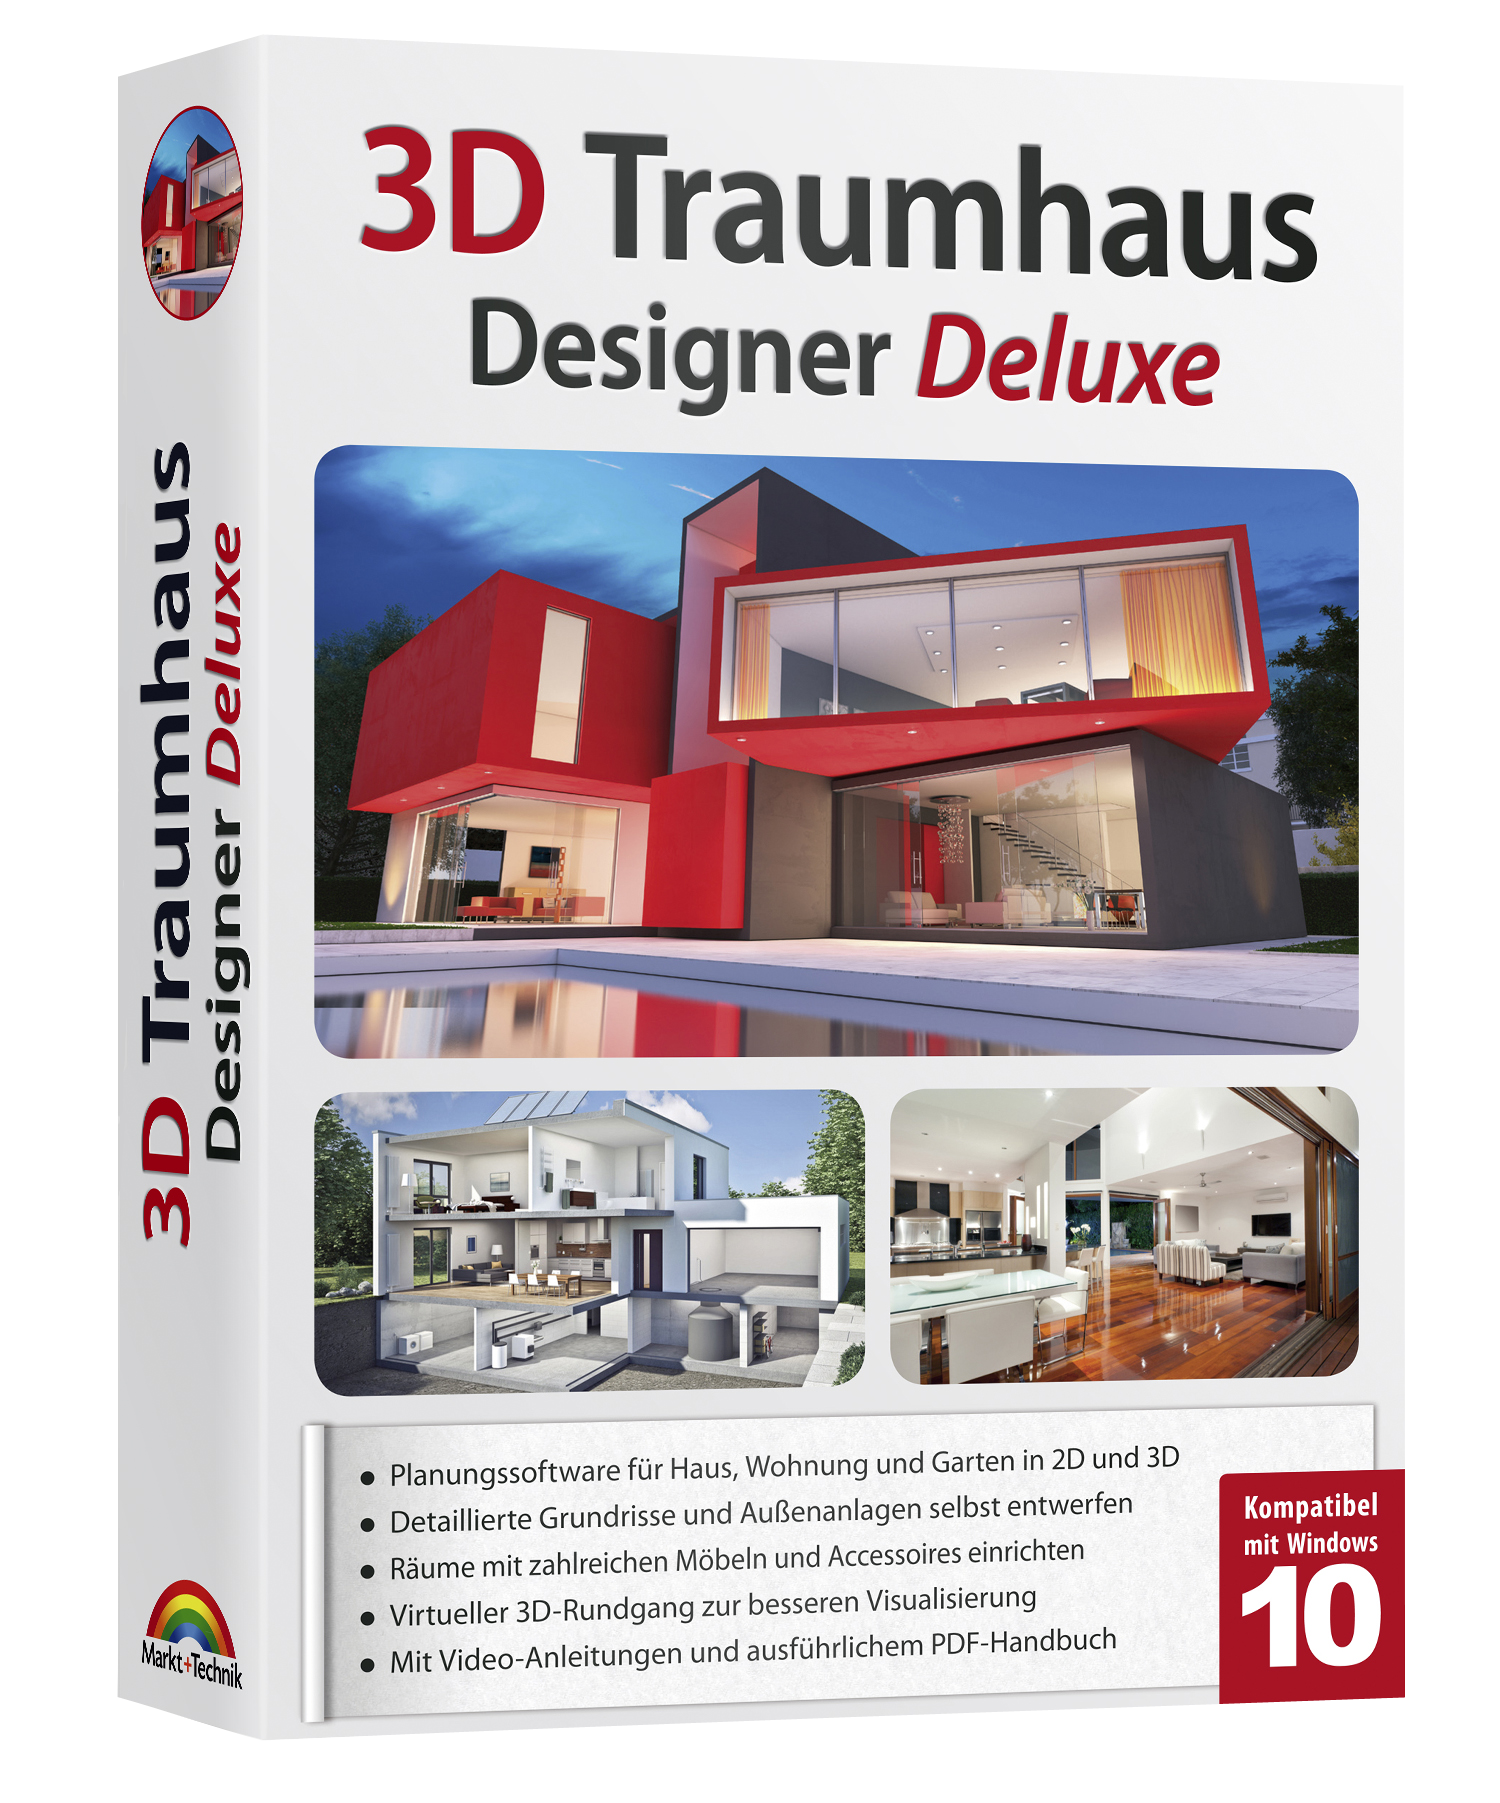 pressebox. Black Bedroom Furniture Sets. Home Design Ideas